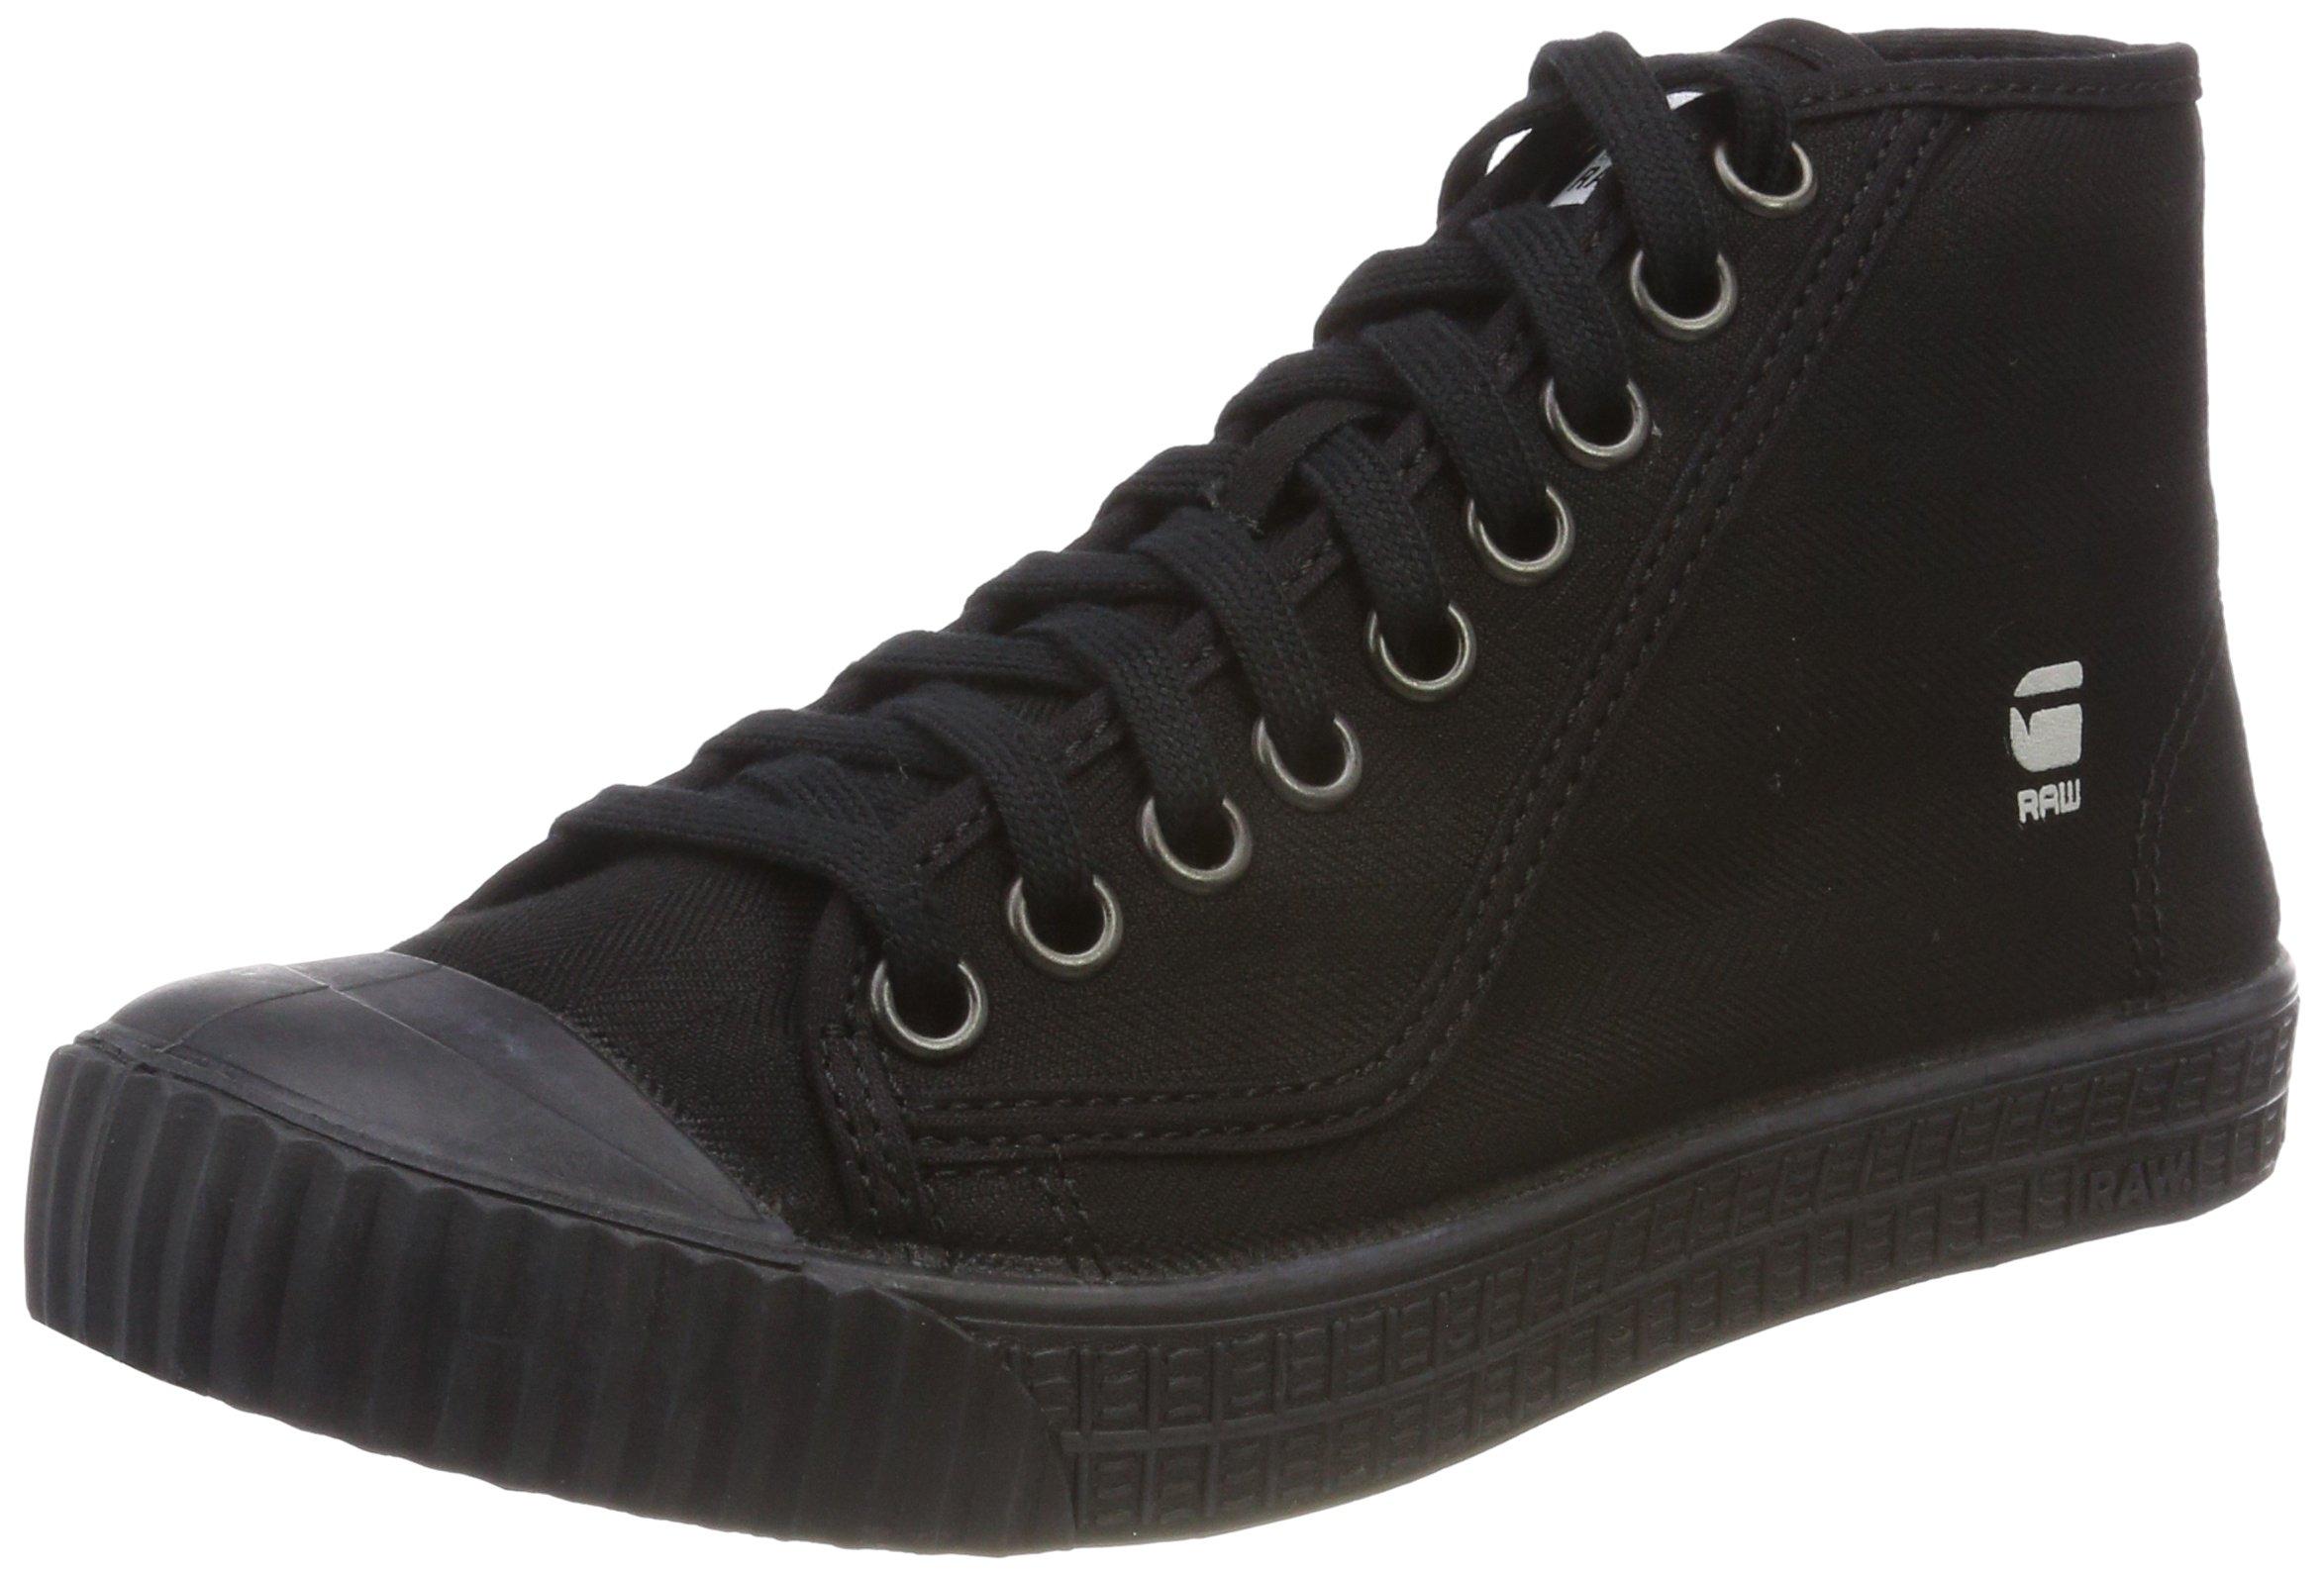 G Raw Denim Mid FemmeNoirblack SneakersBasses Eu star Rovulc 99037 35ARjL4q